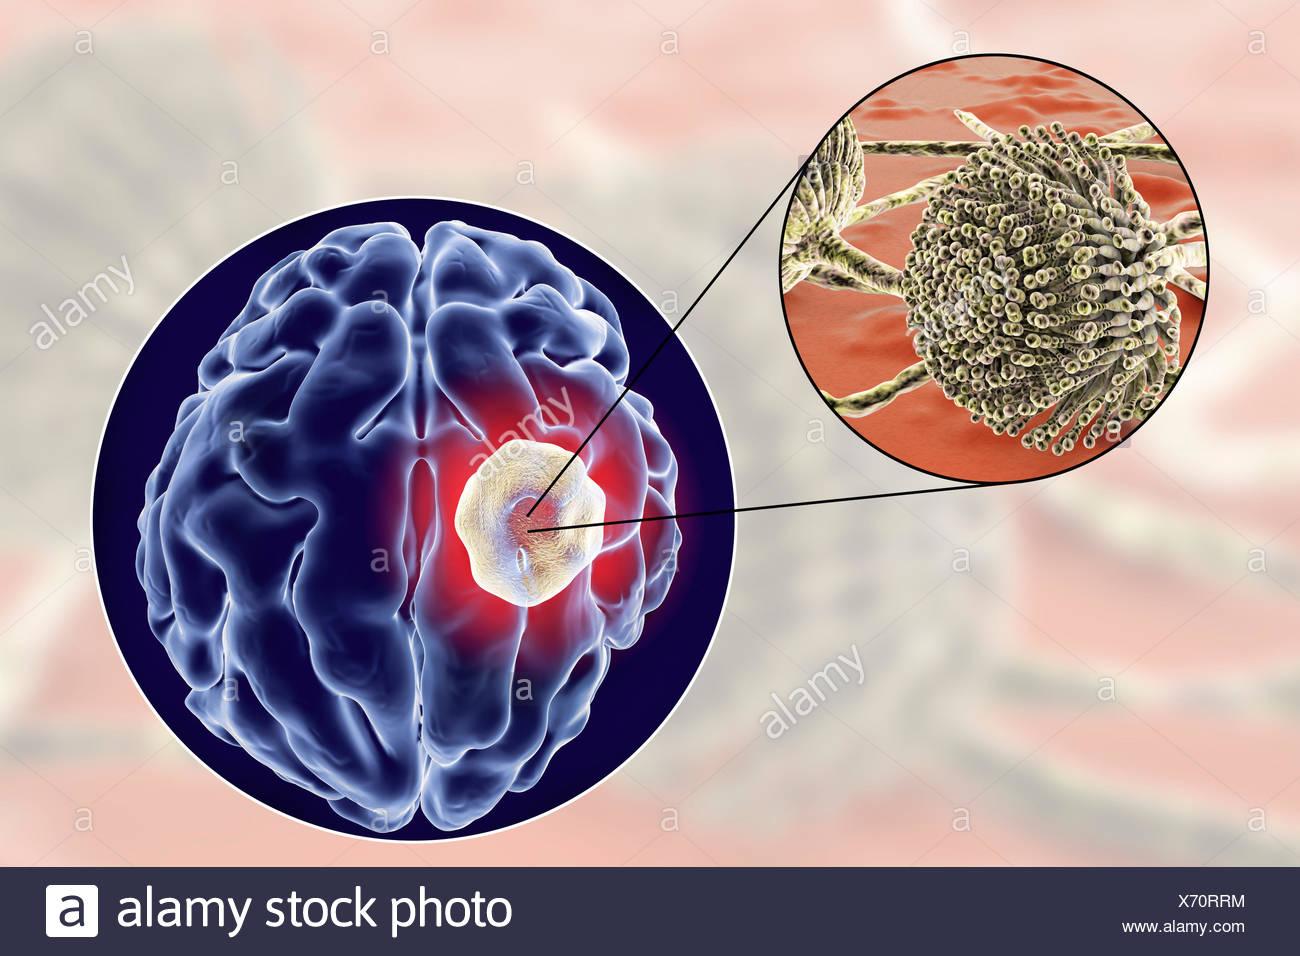 Aspergiloma del cerebro y la vista cercana de hongos del género Aspergillus, equipo de ilustración. También conocido como micetoma, o bola de hongos, esta es una lesión intracraneal, producidas por los hongos Aspergillus en pacientes inmunocomprometidos. Foto de stock